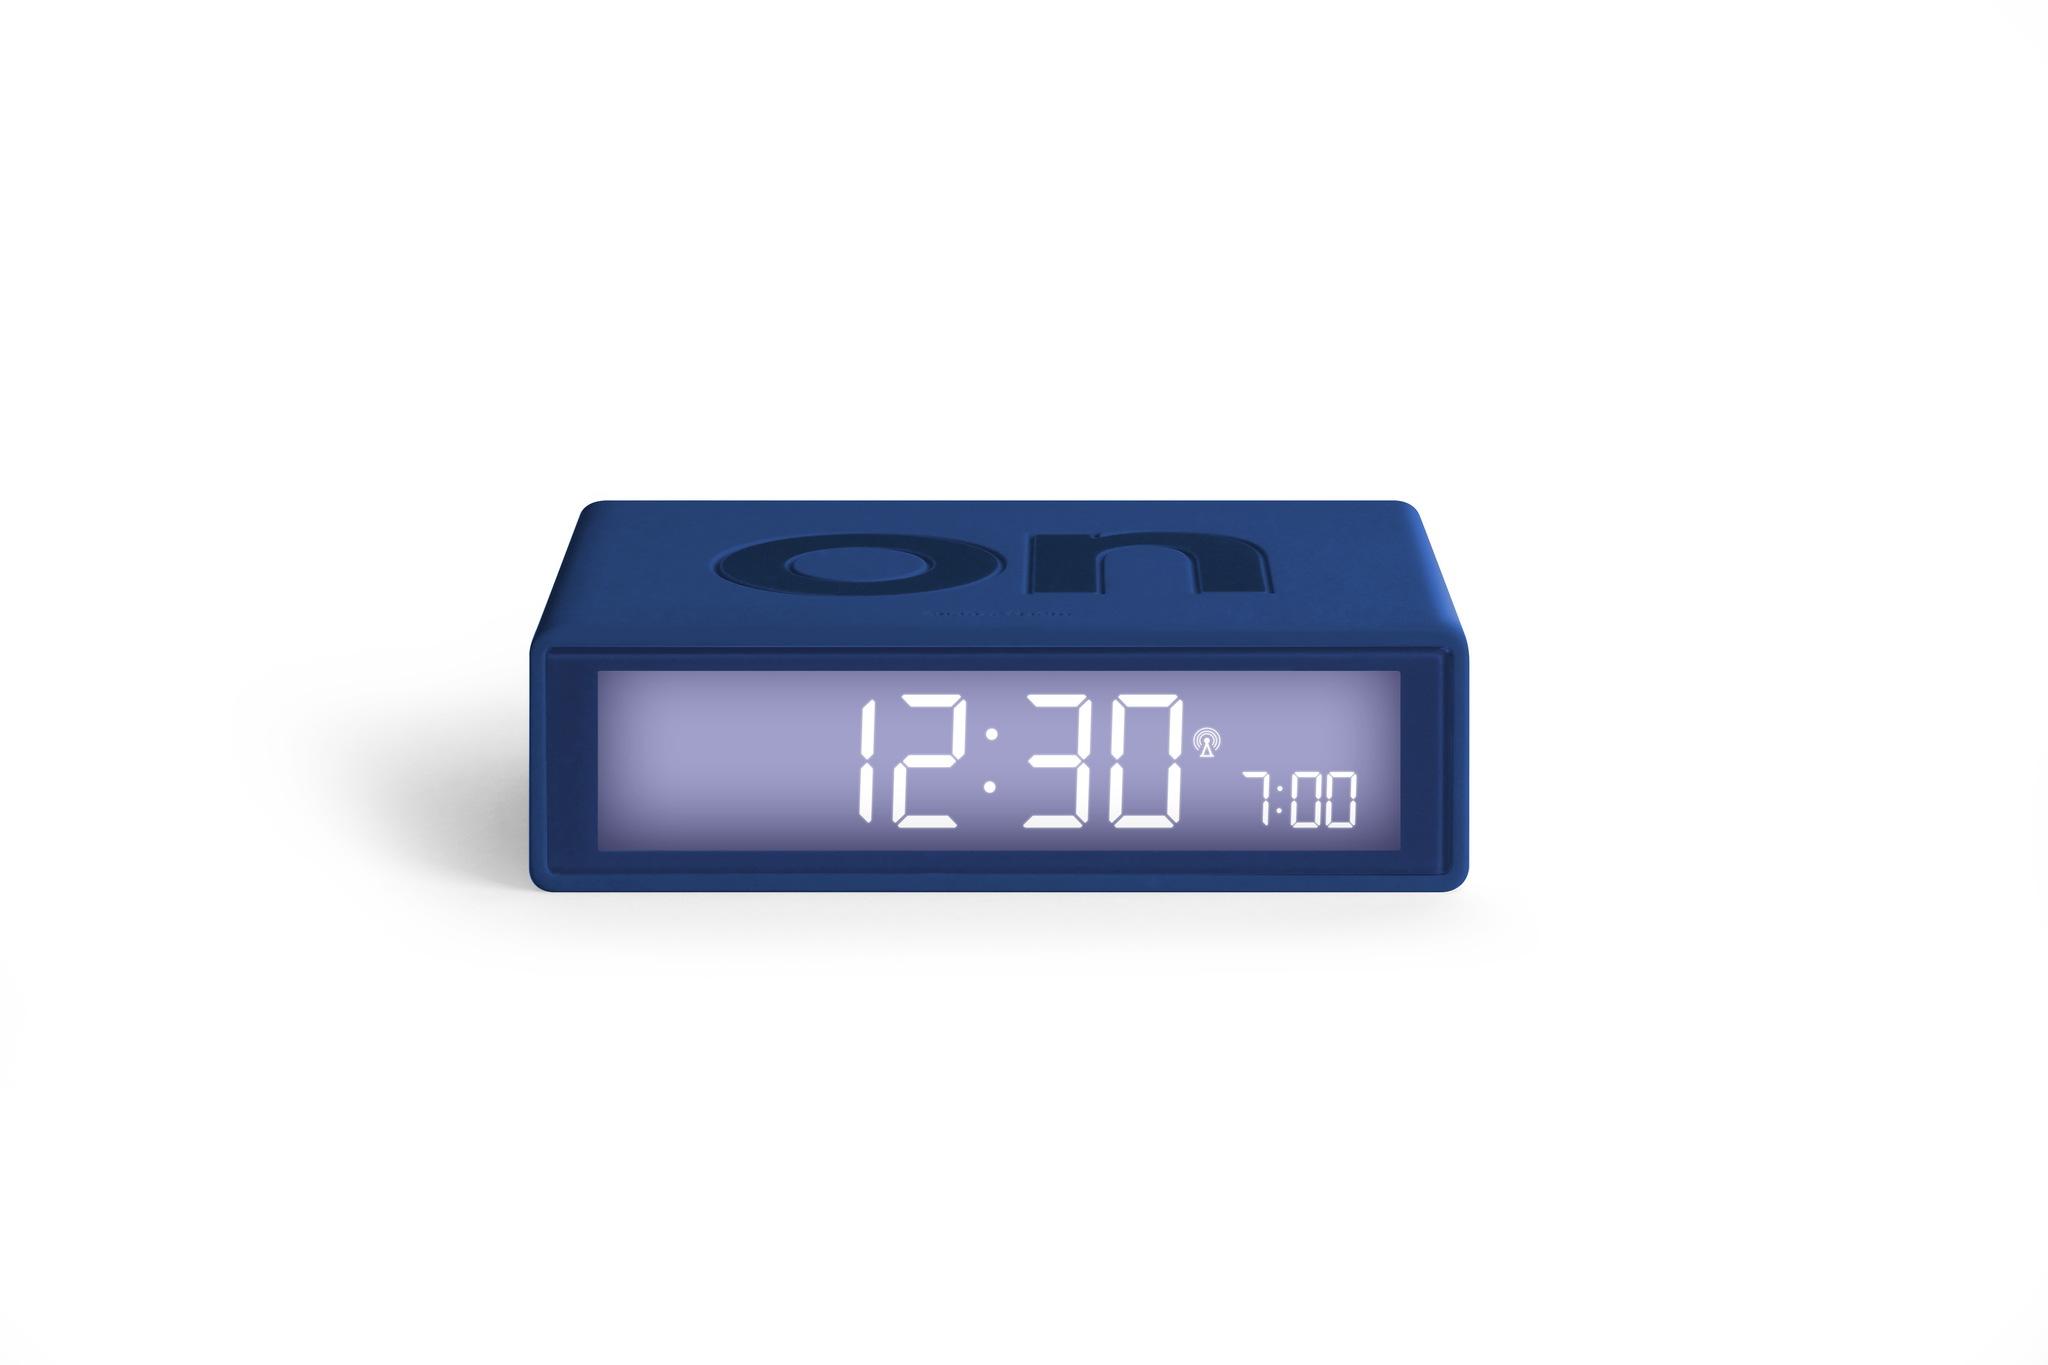 dunkelblau, funkgesteuert, LCD Display, snooze